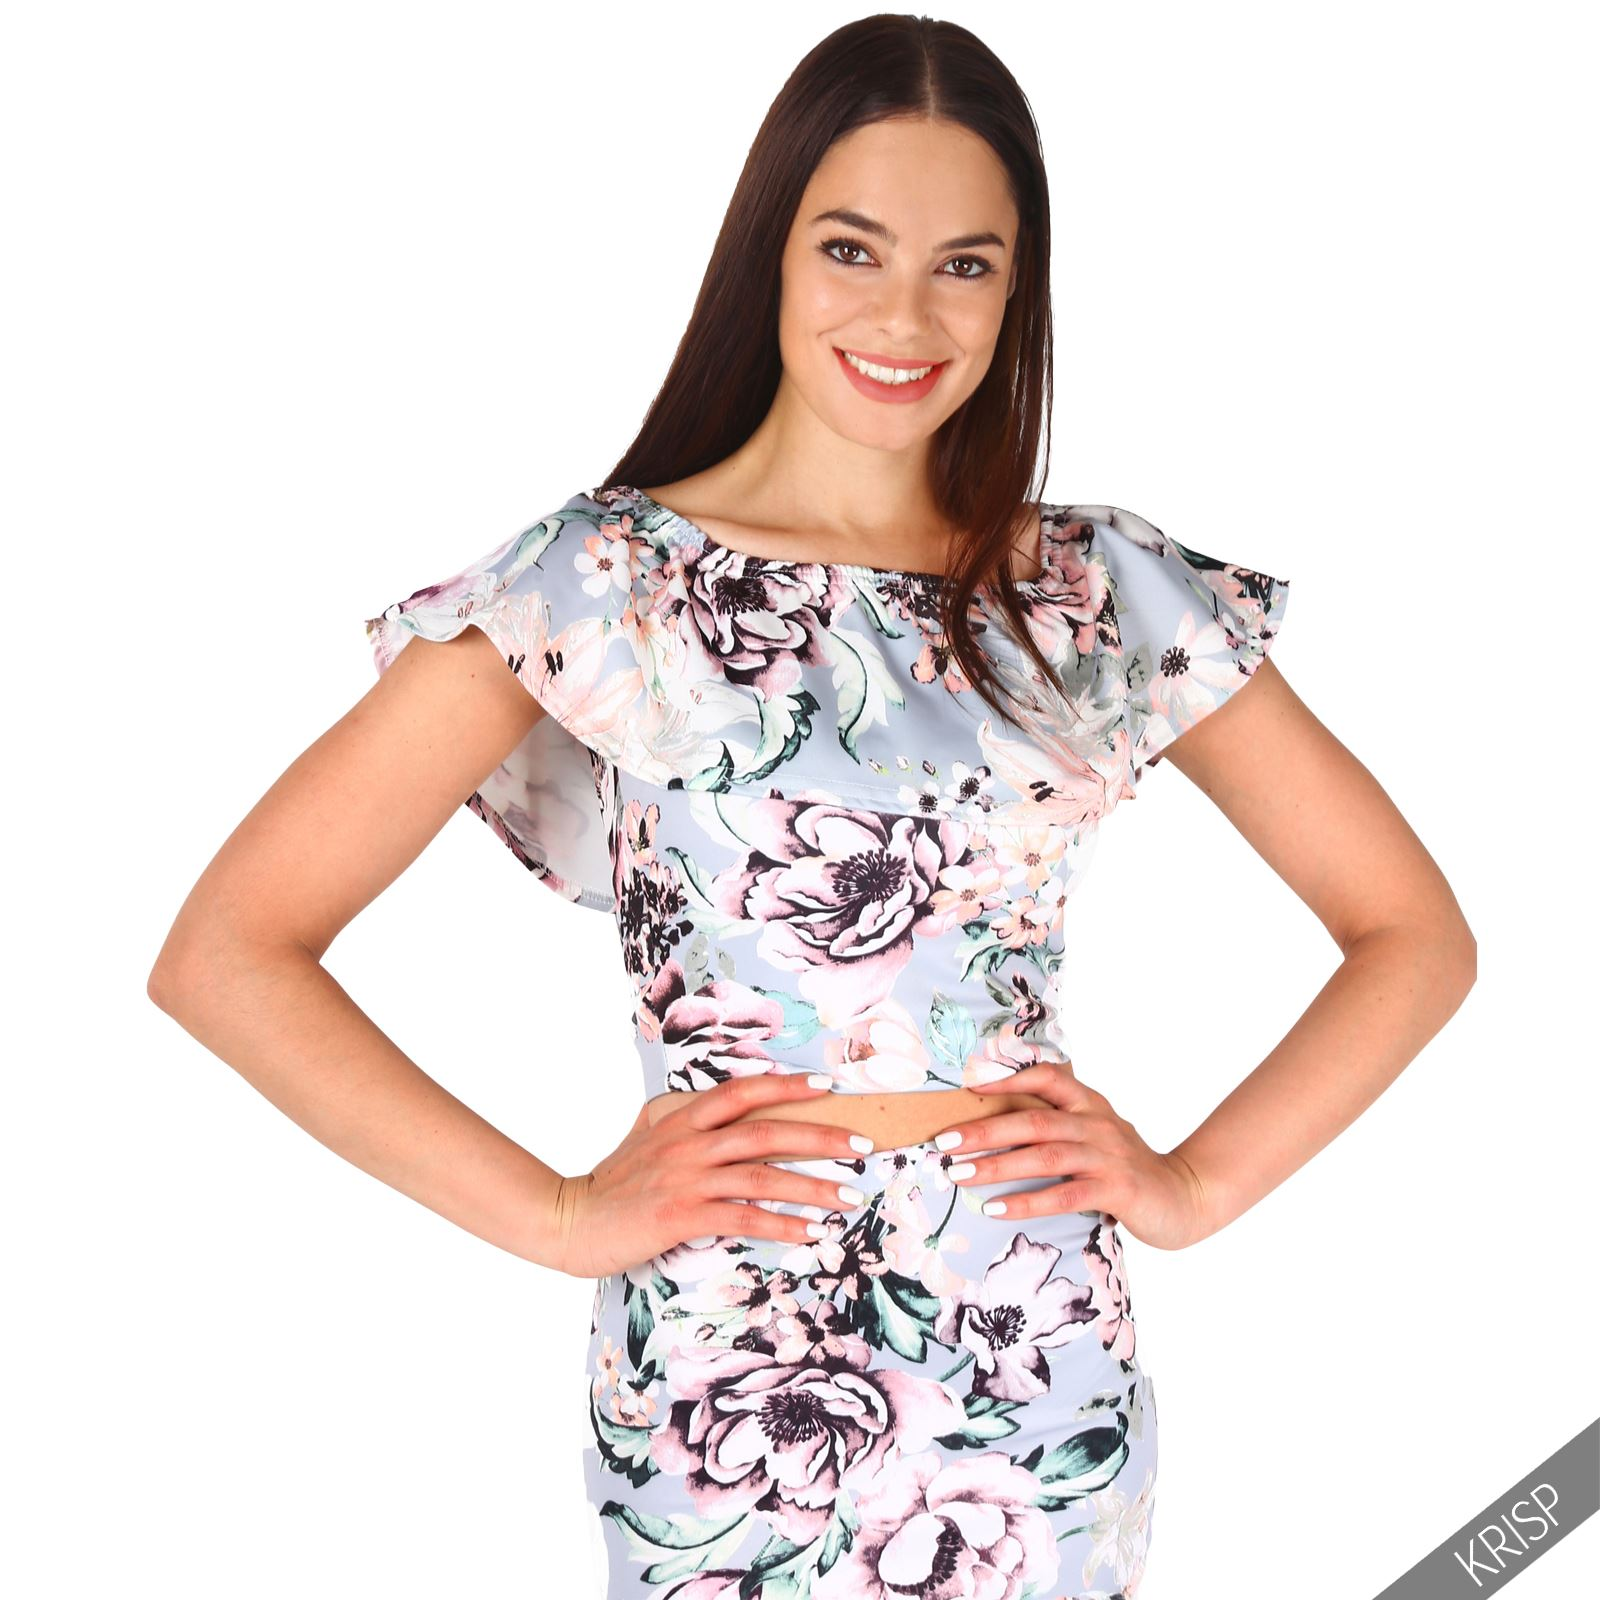 Conjunto-Crop-Top-Mujer-Corto-Falda-Tubo-Ajustada-Verano-2017-Tallas-Grandes